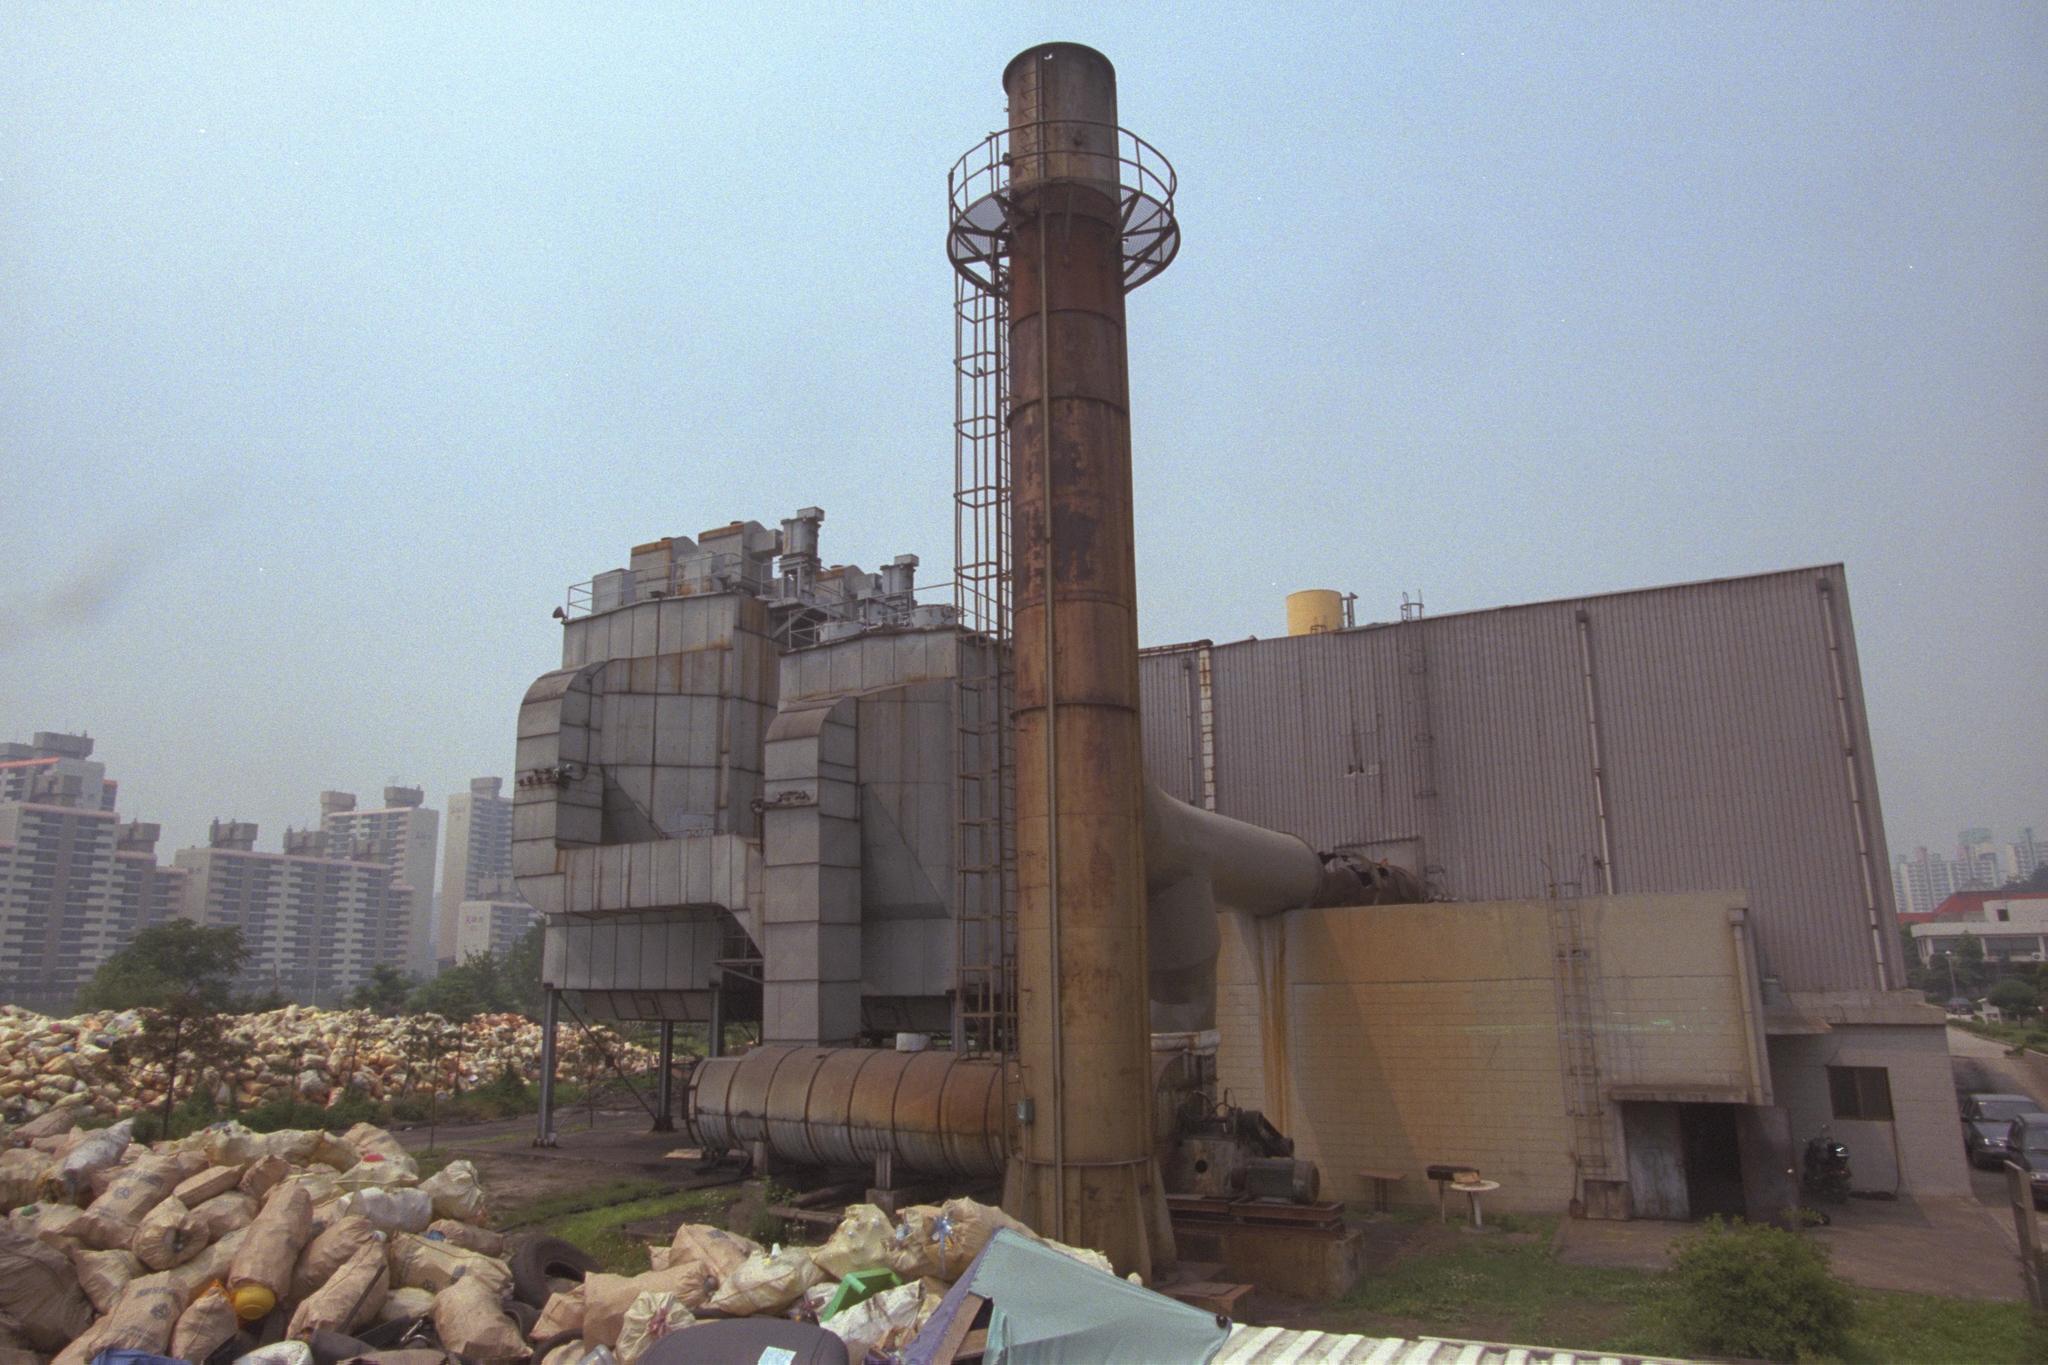 1990년대 후반 다이옥신 과다 배출 논란으로 쓰레기소각장들이 가동 중단되는 사례가 종종 있었다. 사진은 당시 경기도 지역의 한 소각장 모습. [중앙포토]